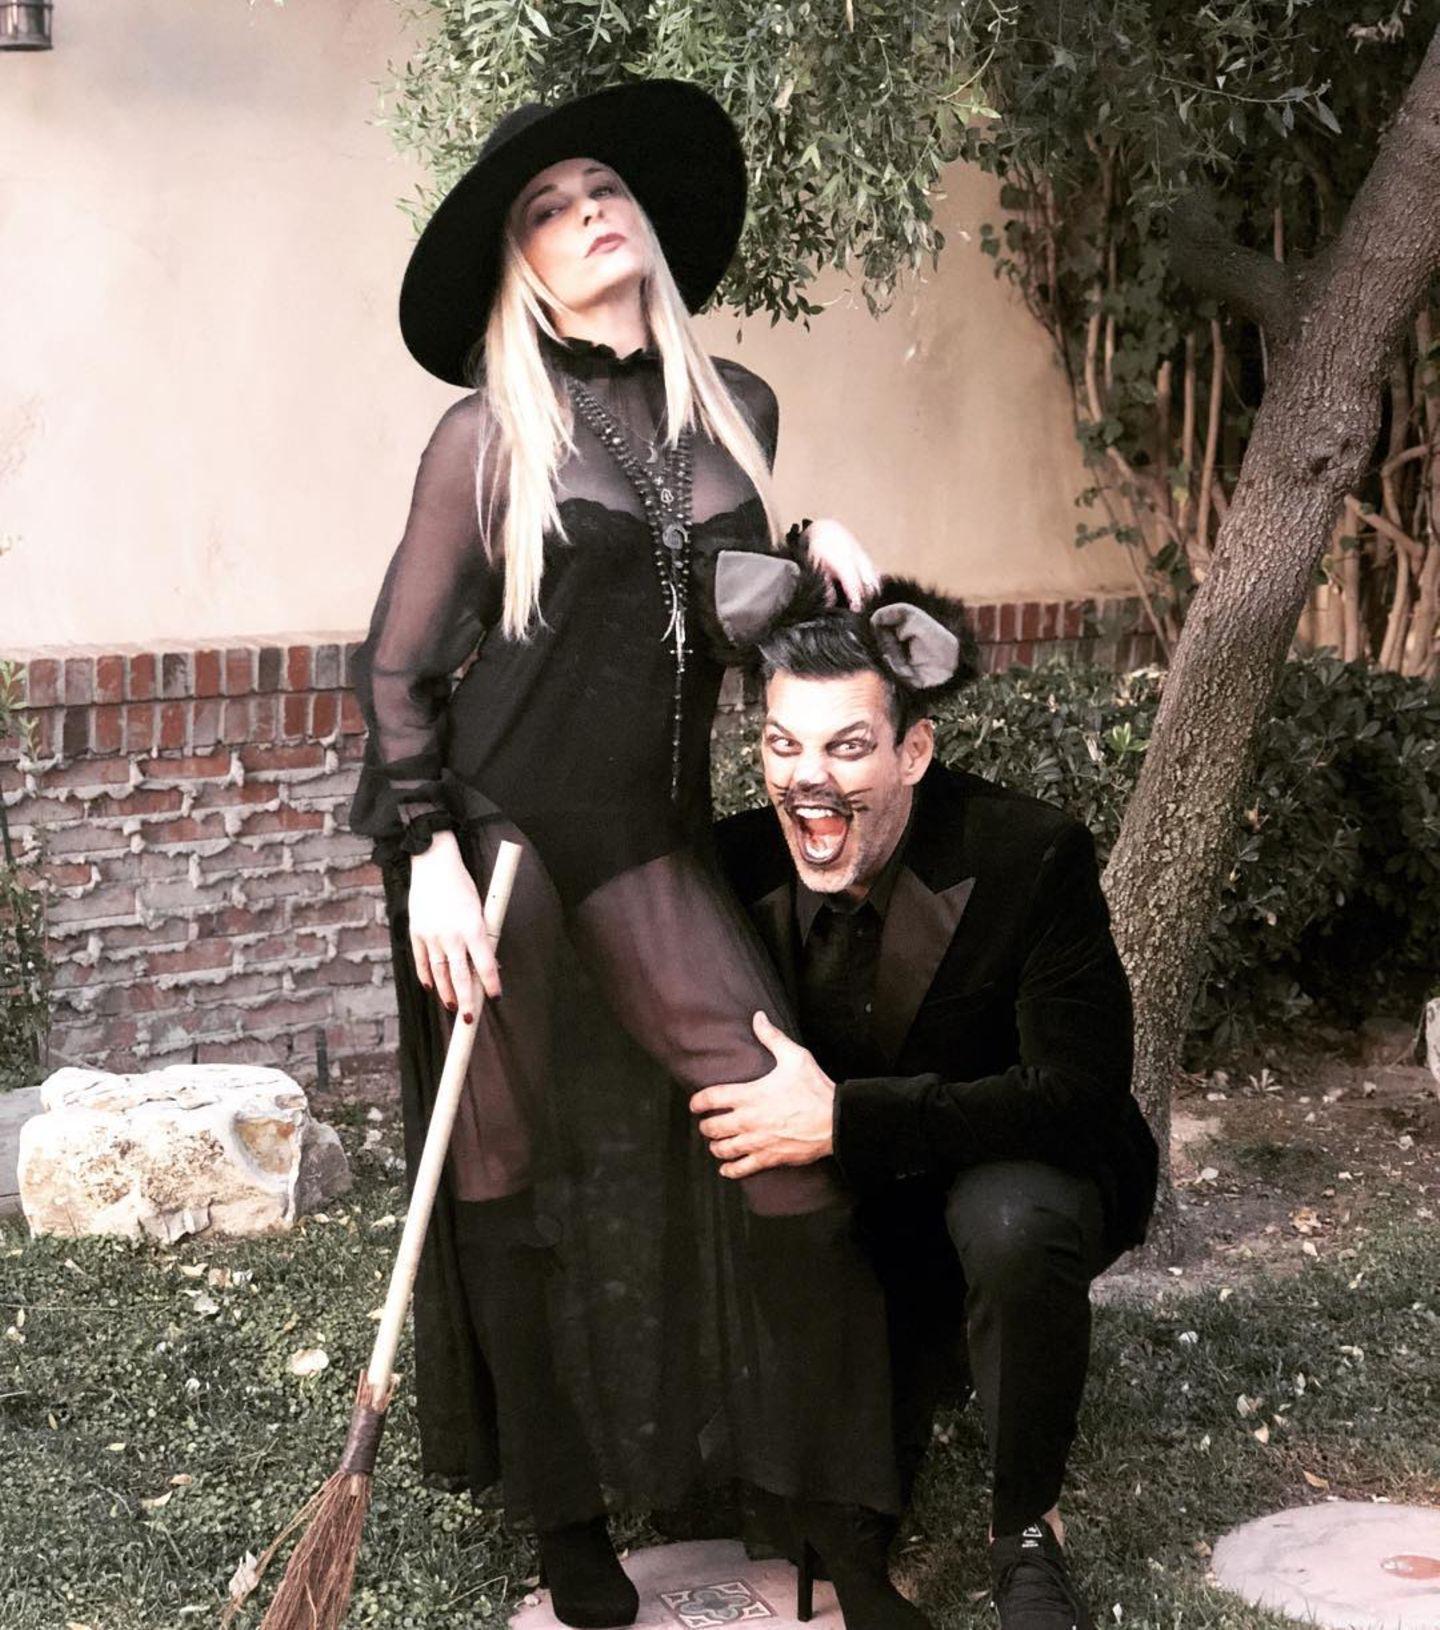 Sängerin LeAnn Rimes als heiße Hexe mit ihrem magischen Kater alias Mann Eddie Cibrian.